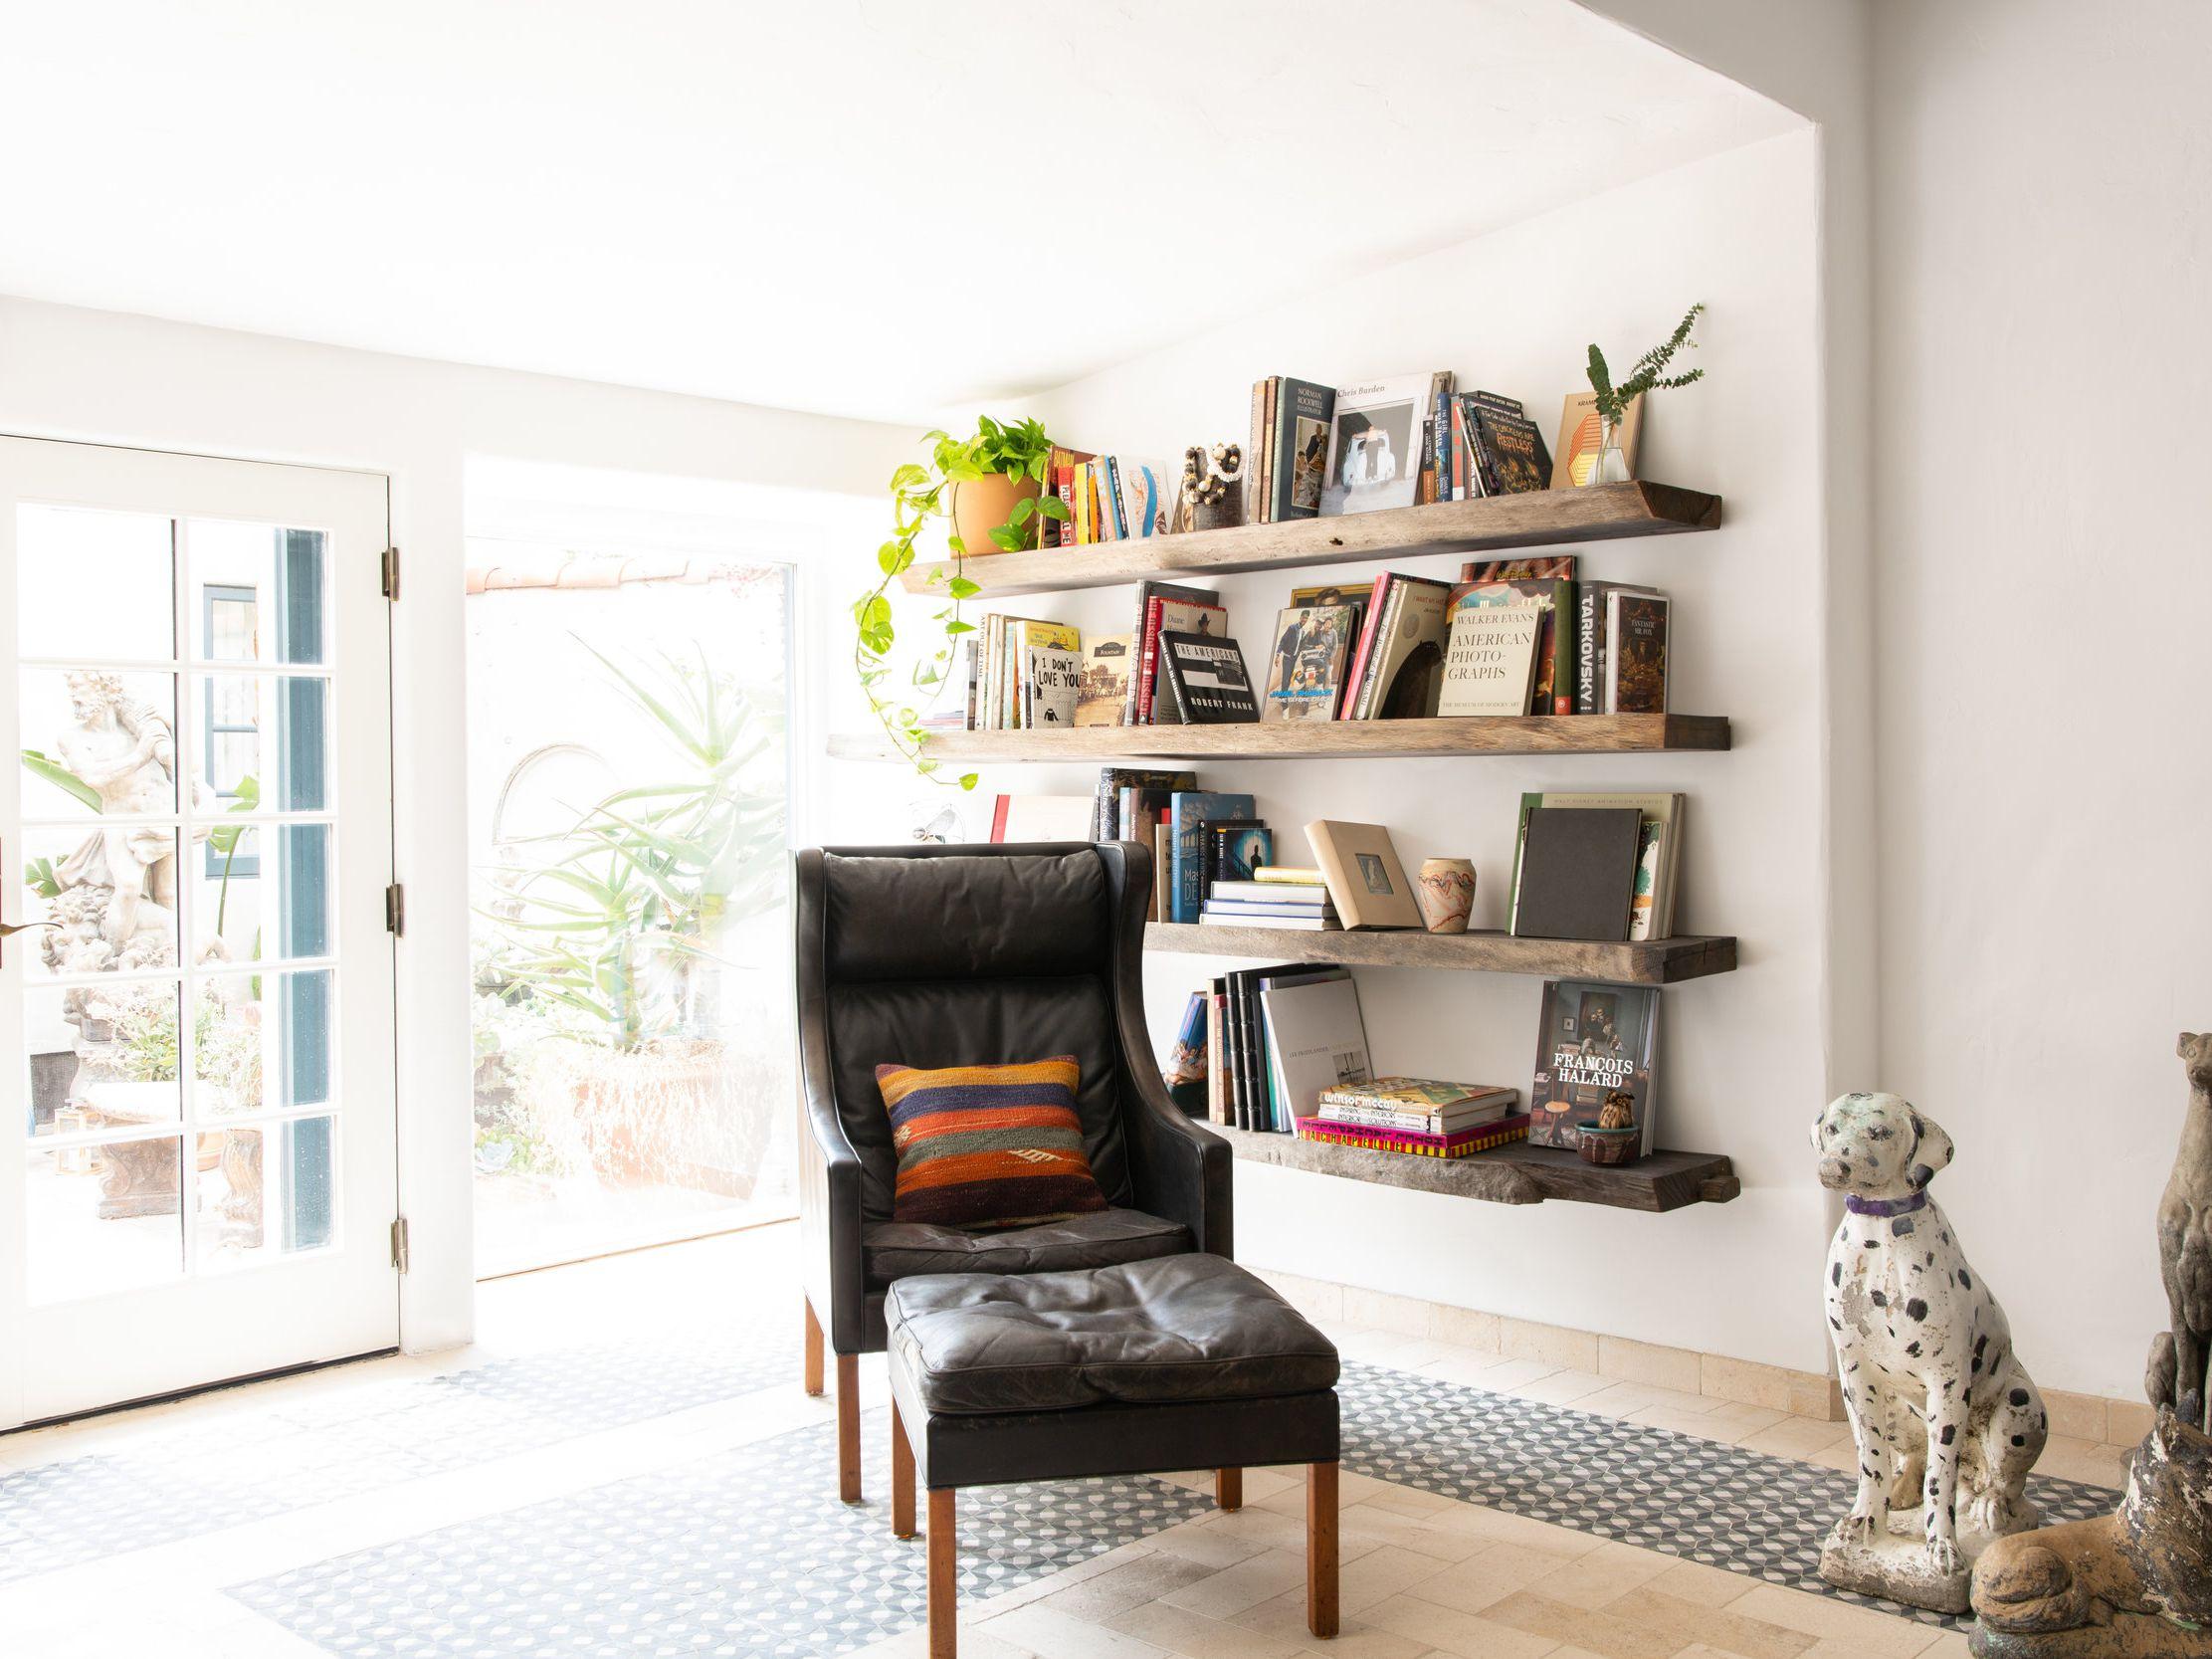 6 Stylish Floating Shelf Ideas